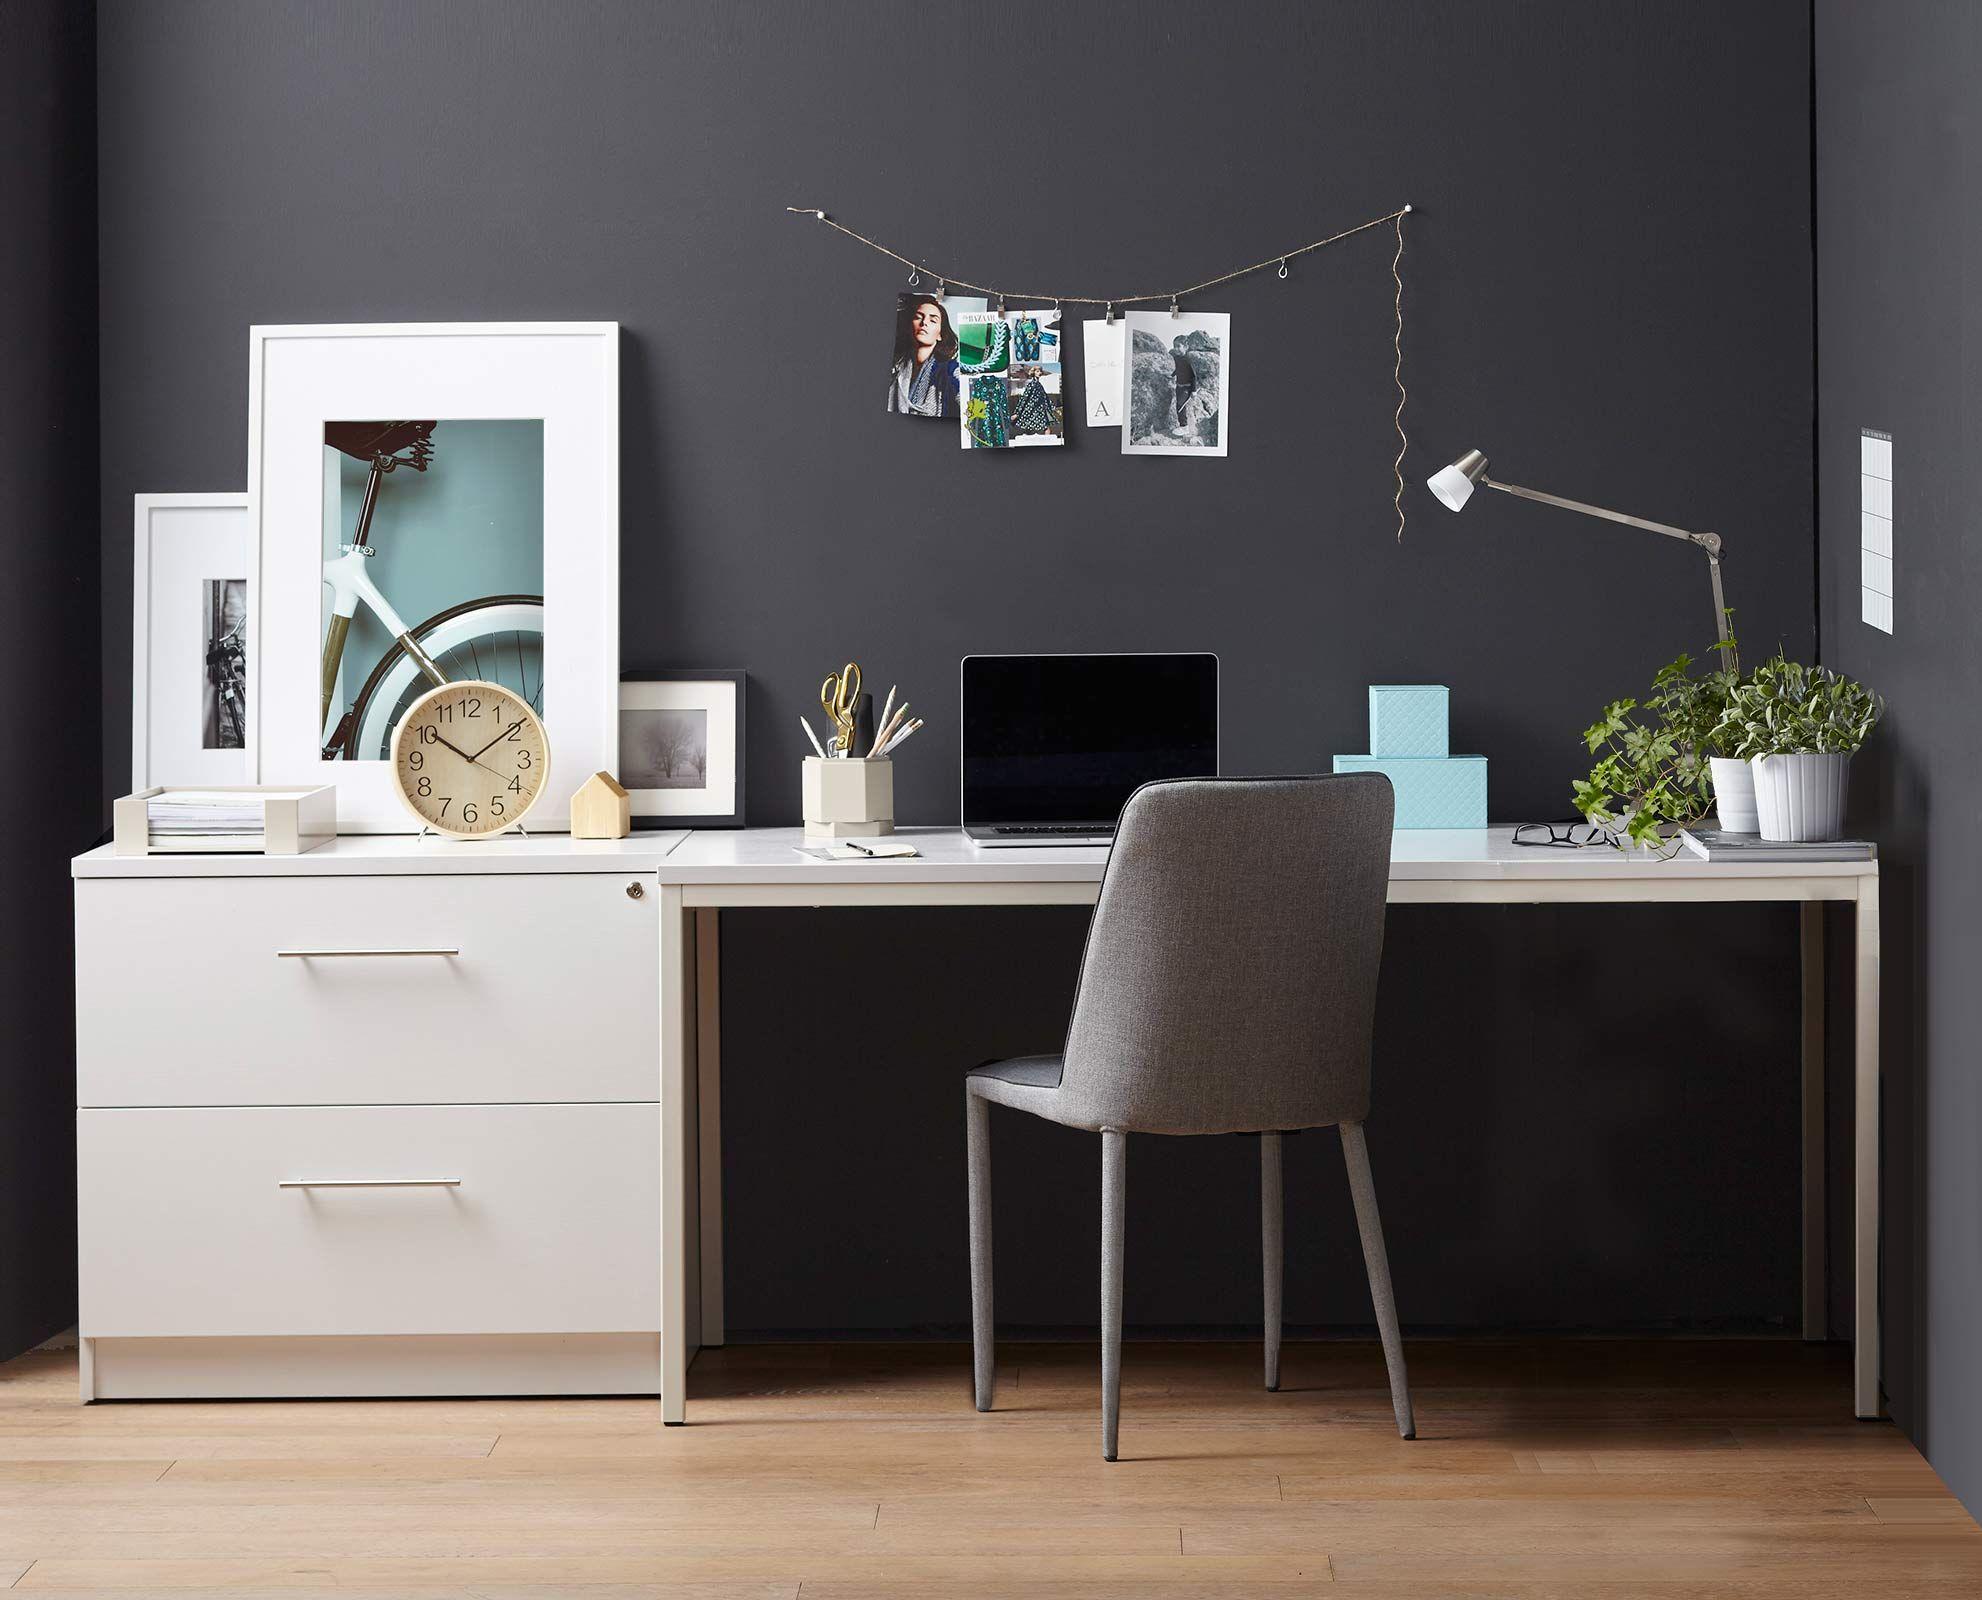 Dania The Golia 63 Contemporary Home Furniture Scandinavian Design Desk Modern Contemporary Home